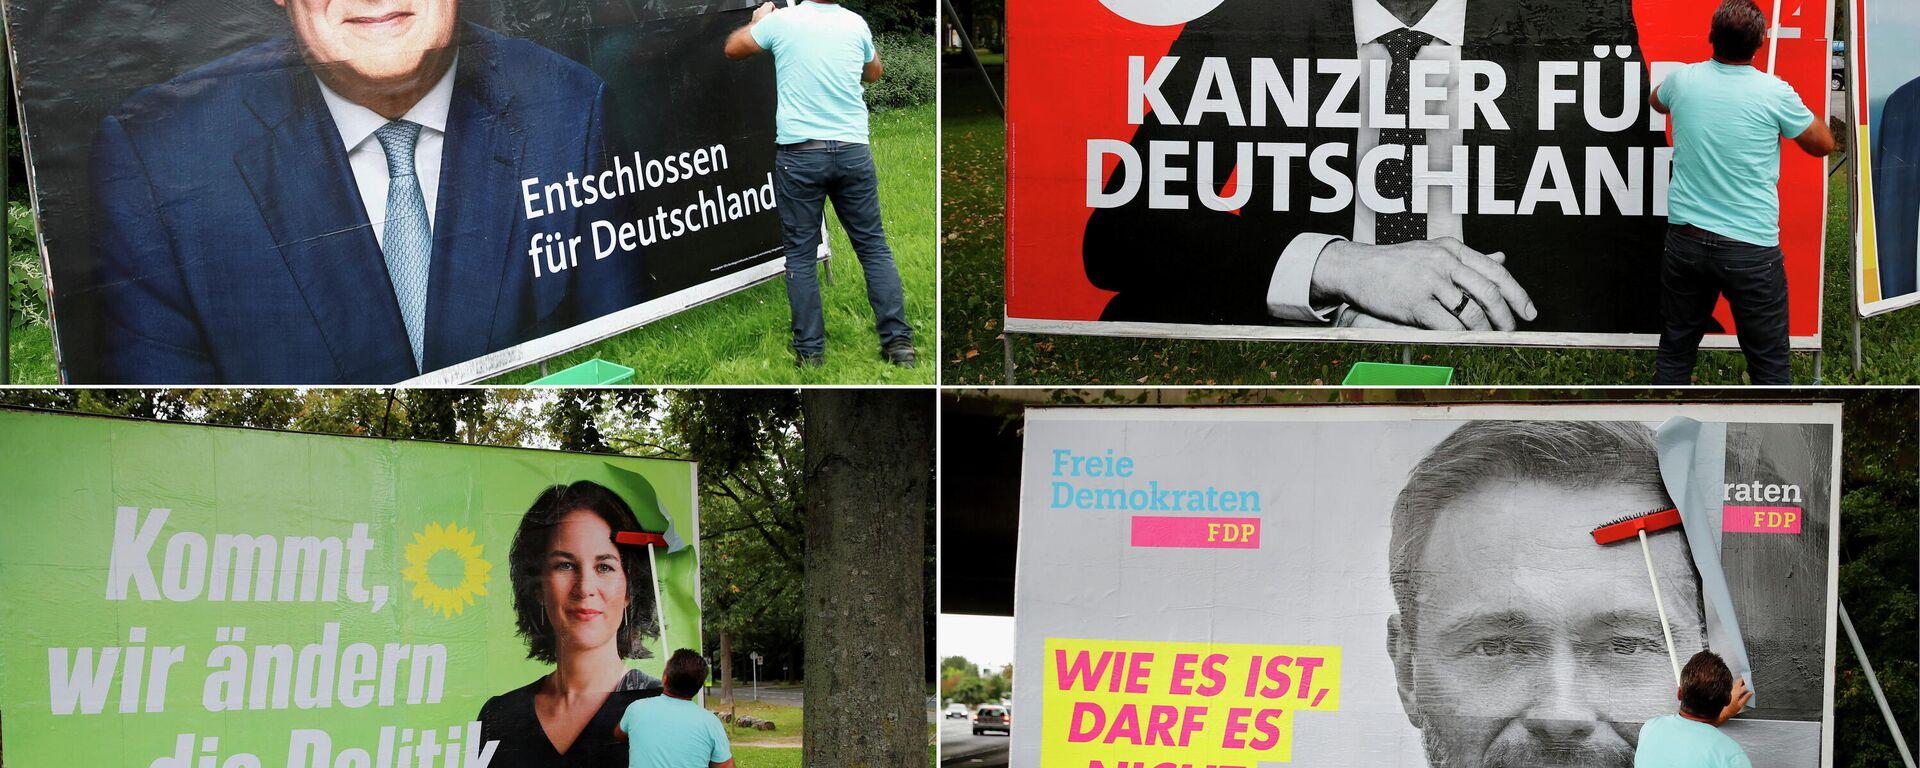 Carteles de los principales candidatos de Alemania para las elecciones parlamentarias del 26 de septiembre colocados en grandes paneles - Sputnik Mundo, 1920, 26.09.2021